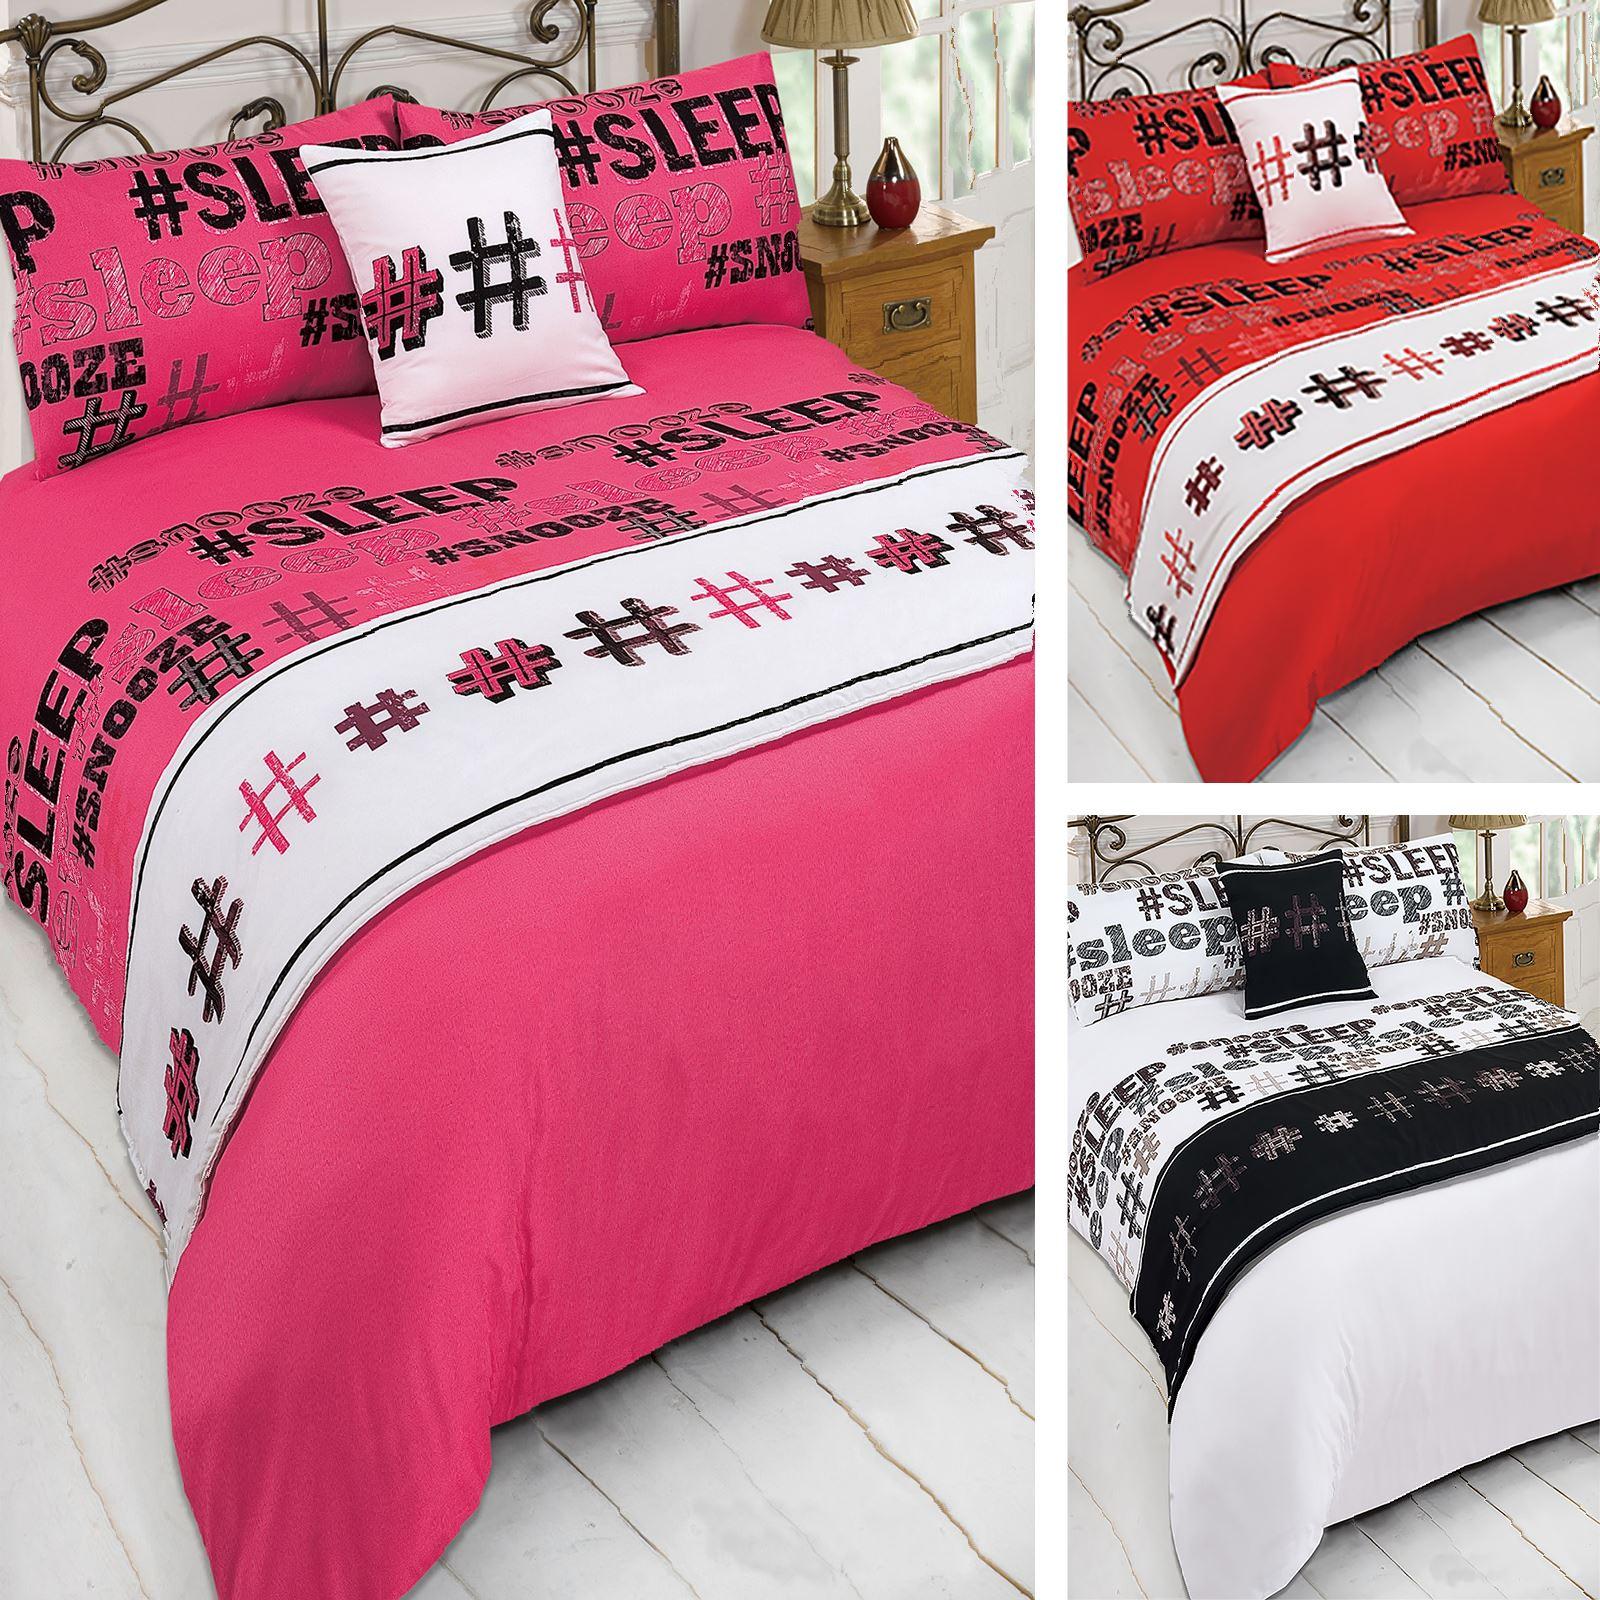 Dreamscene Hashtag Bed In A Bag Duvet Cover Bedding Set Pink White